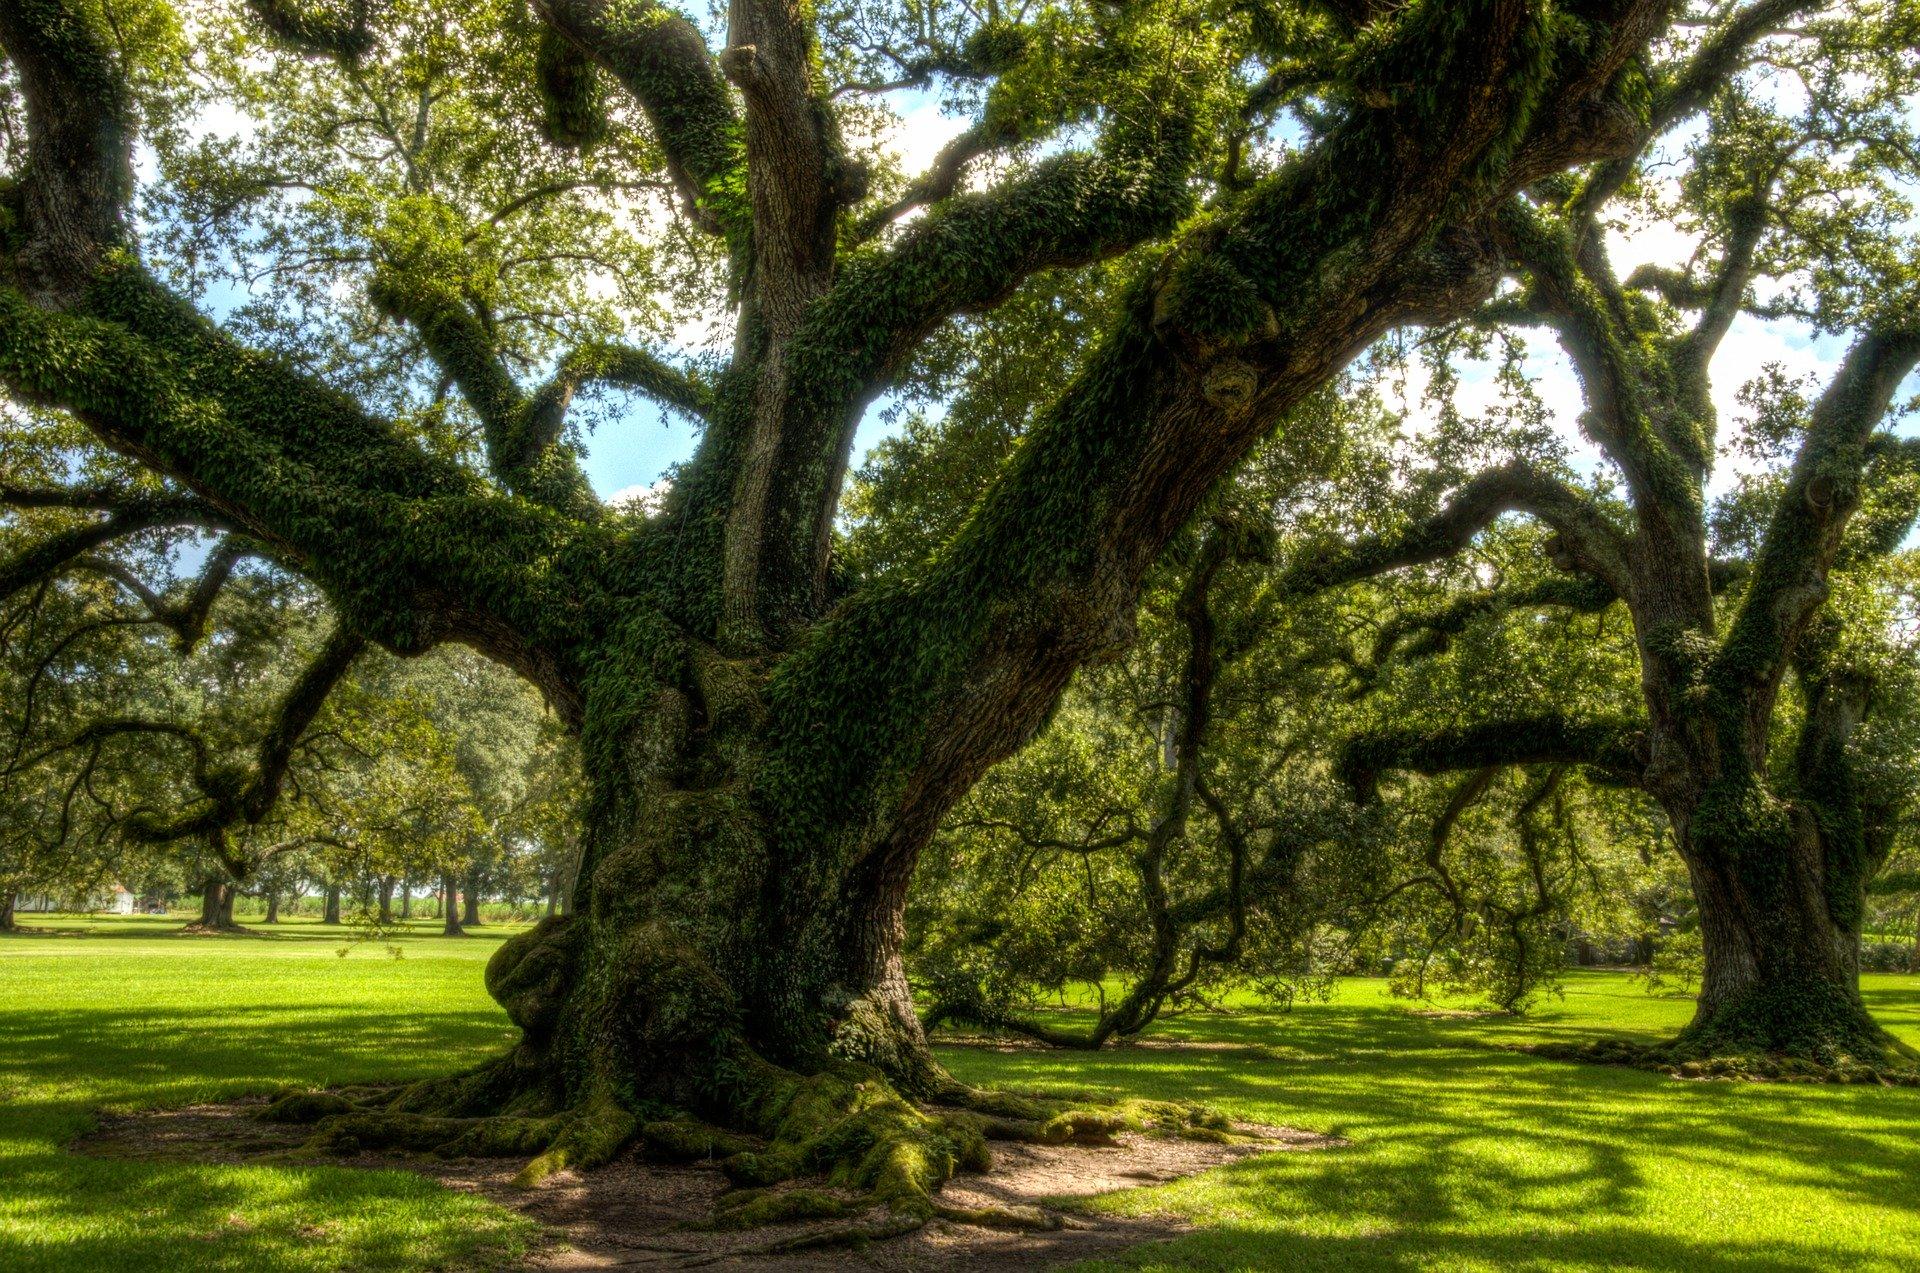 Le Chêne est bien ancré. Ses bourgeons viennent au secours de tous ceux qui n'ont pas trouvé leur place dans ce monde.